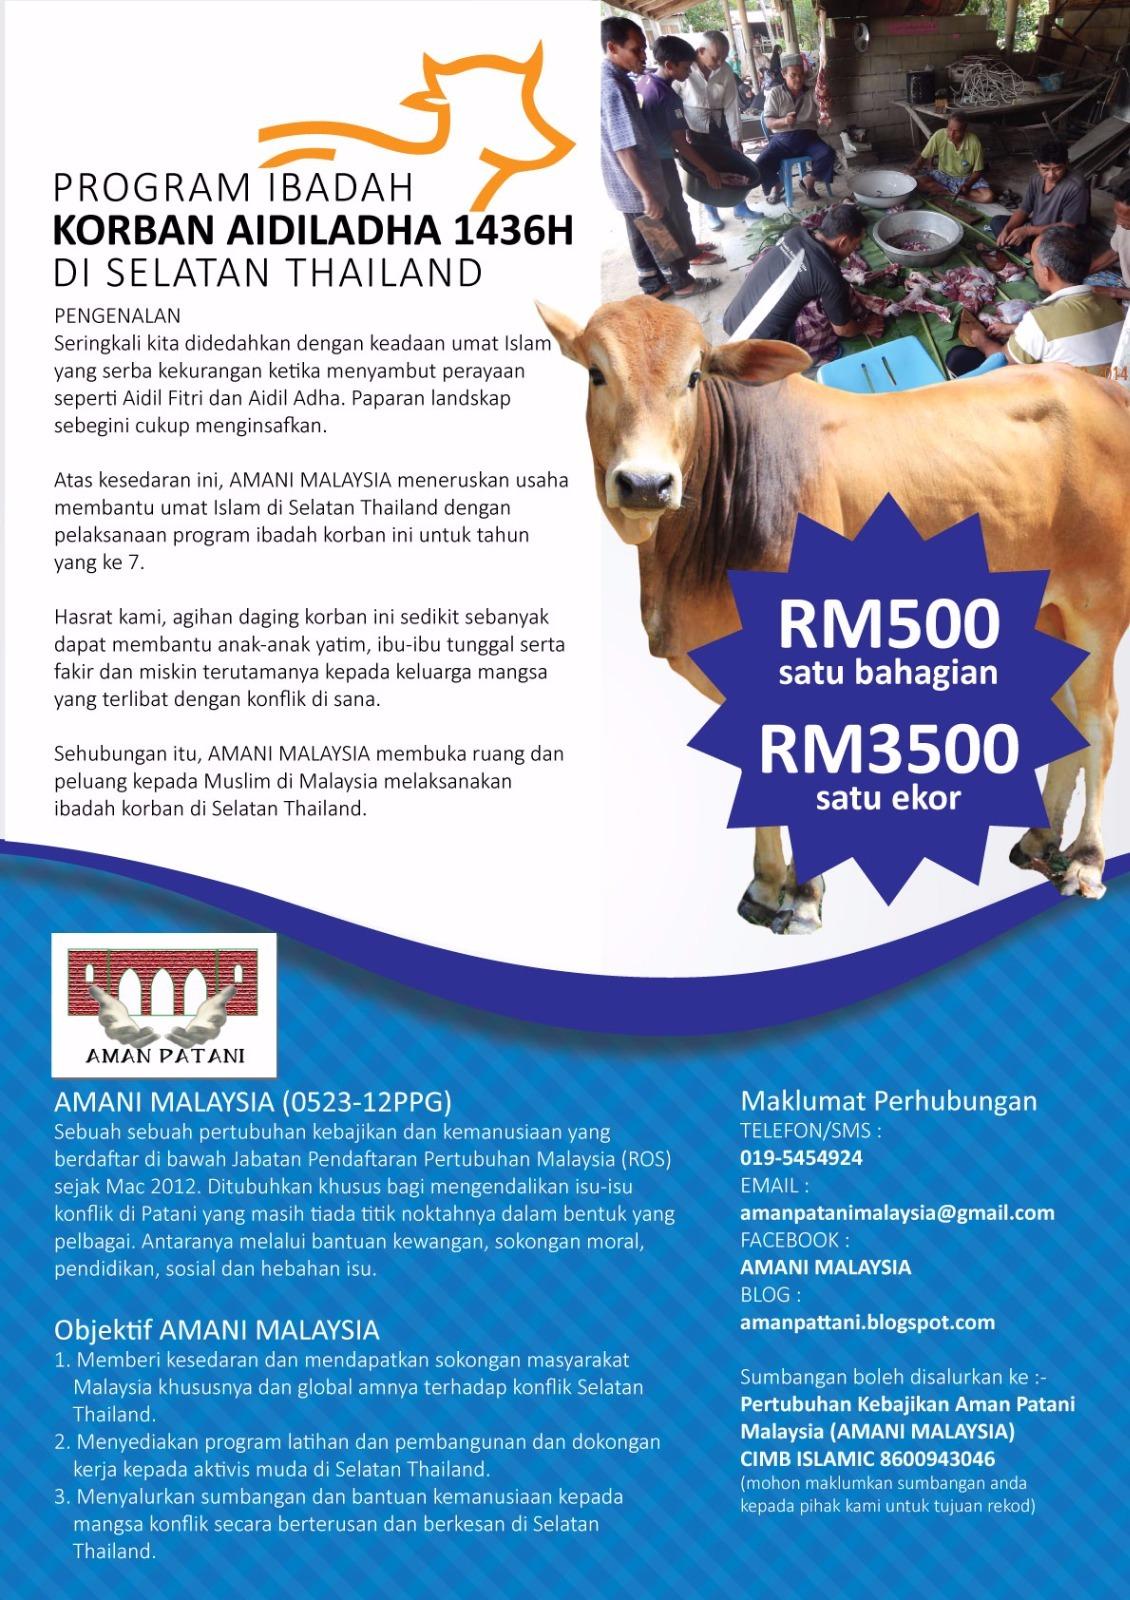 PROGRAM IBADAH KORBAN AIDIL ADHA 1436H DI SELATAN THAILAND